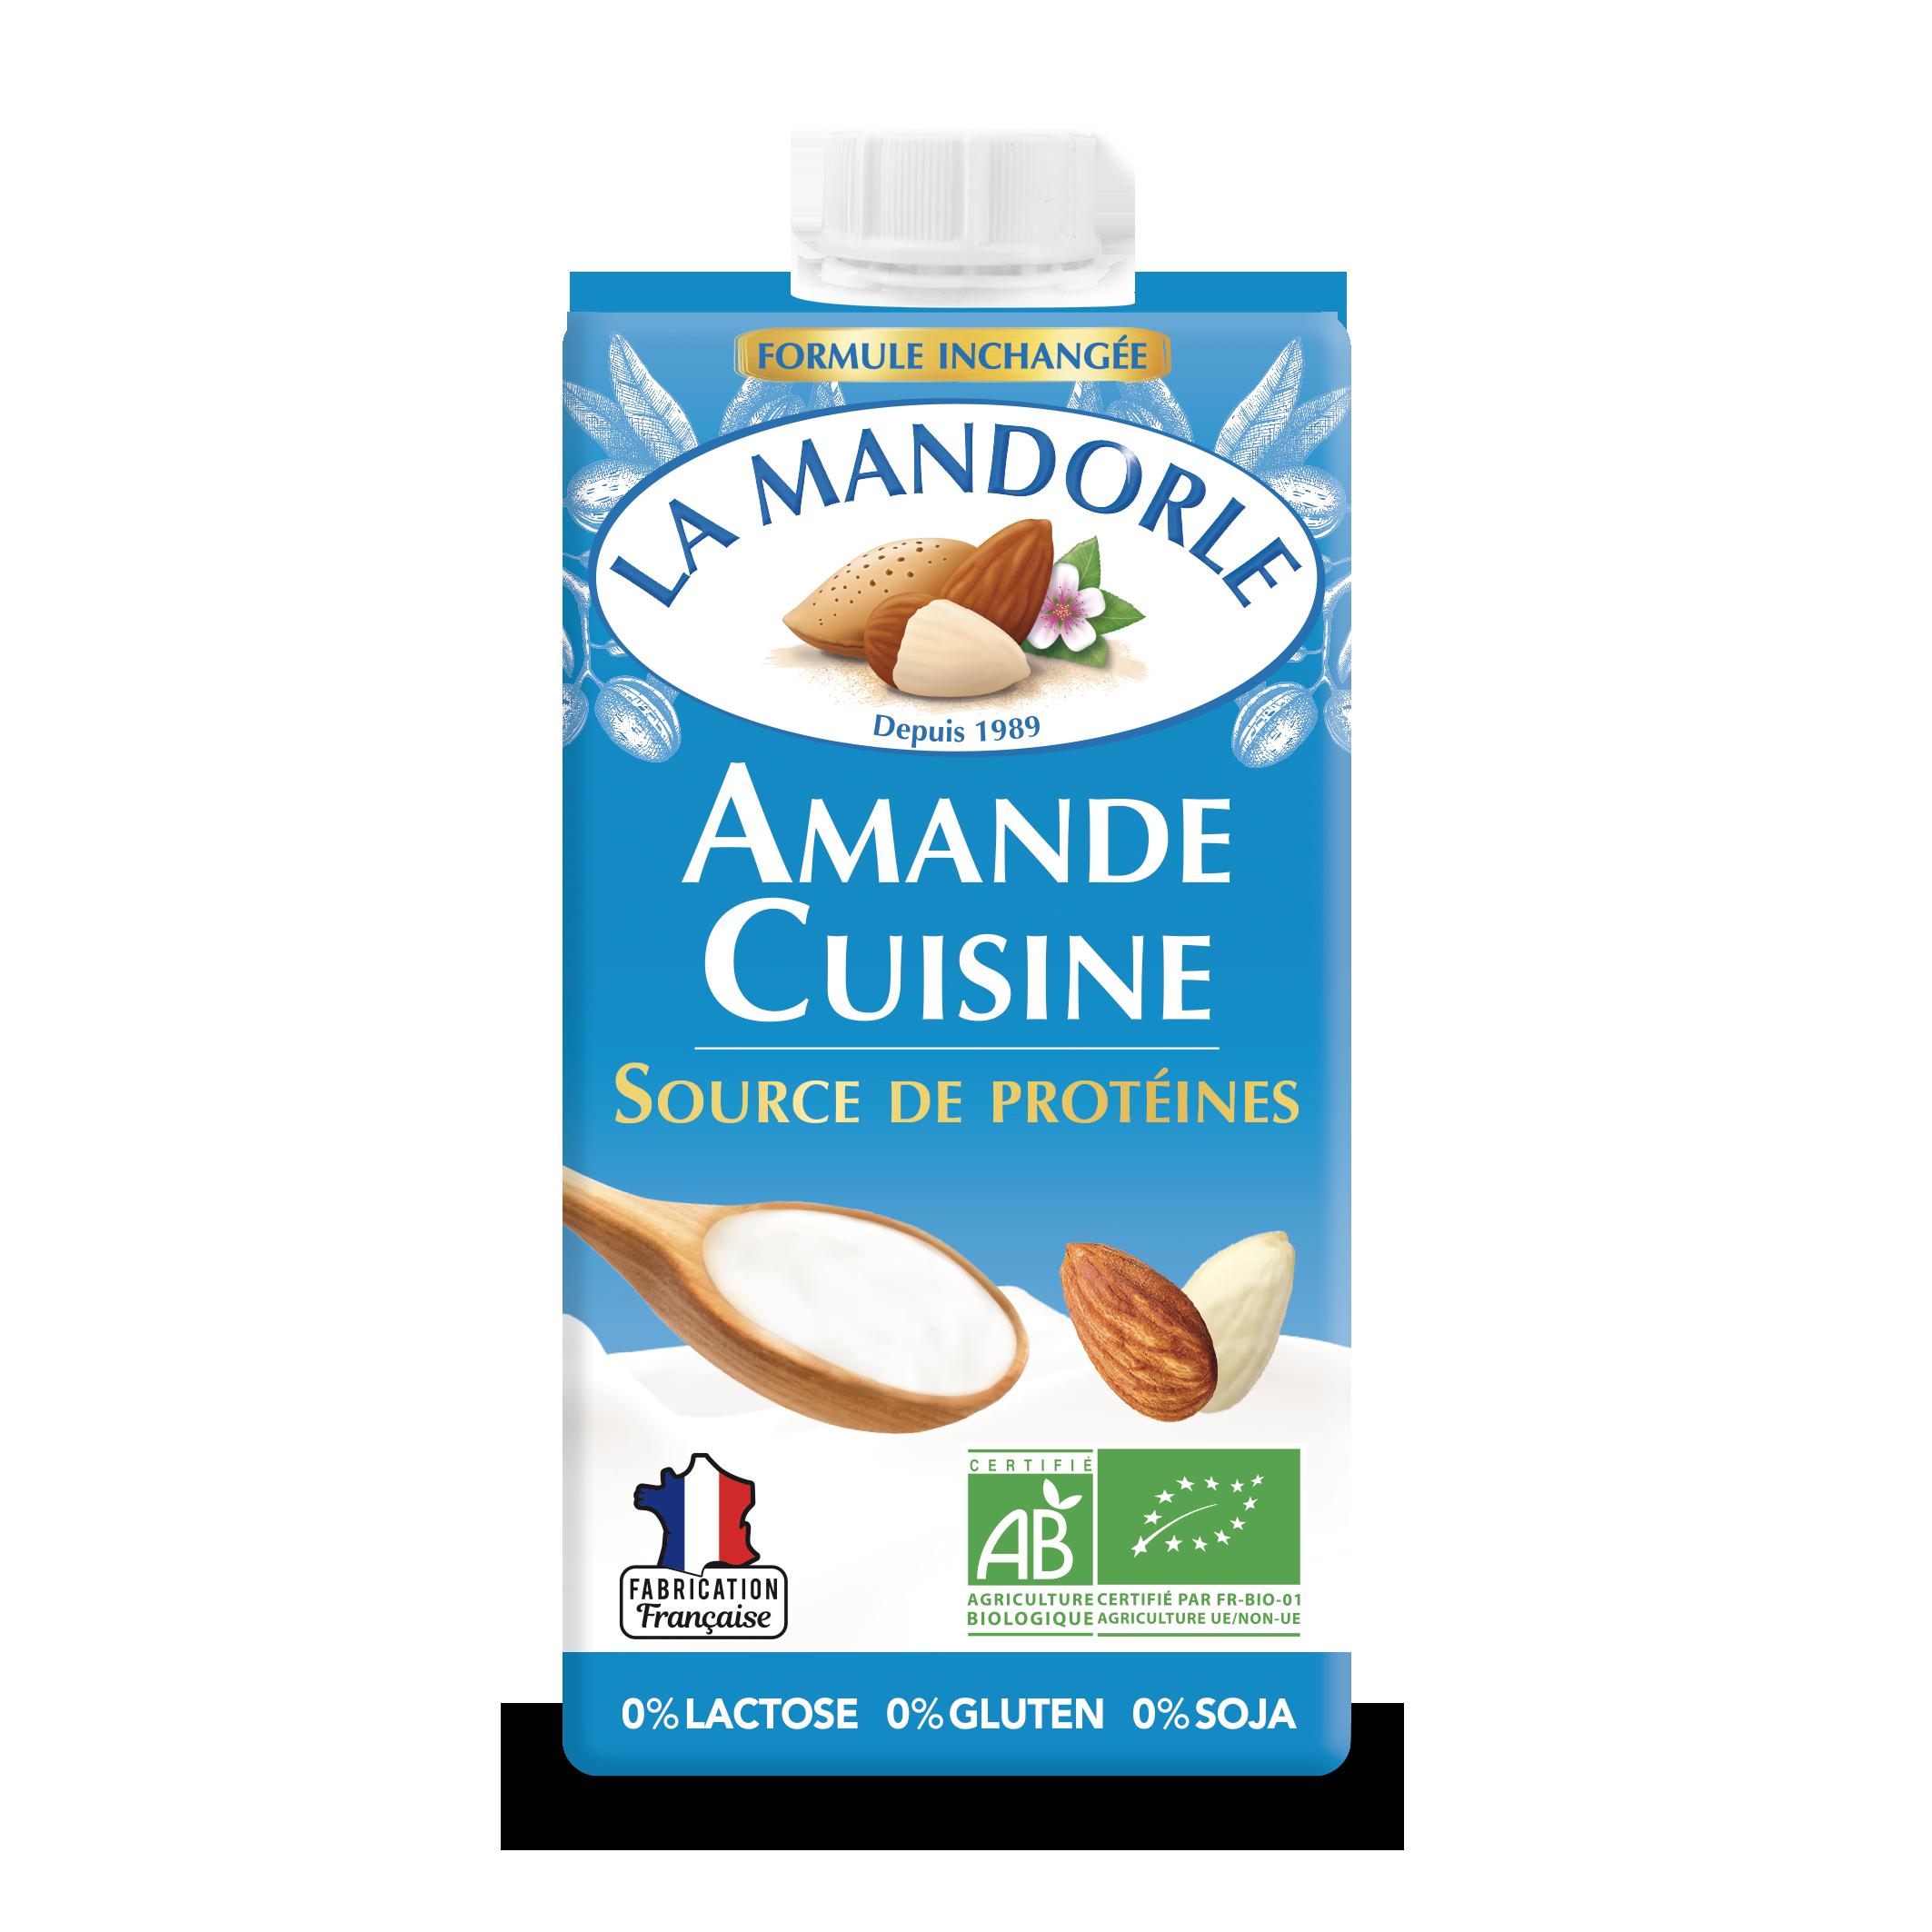 ACU FACE 20 HD - La Mandorle, des plaisirs santé, nutritifs et savoureux à tous les repas